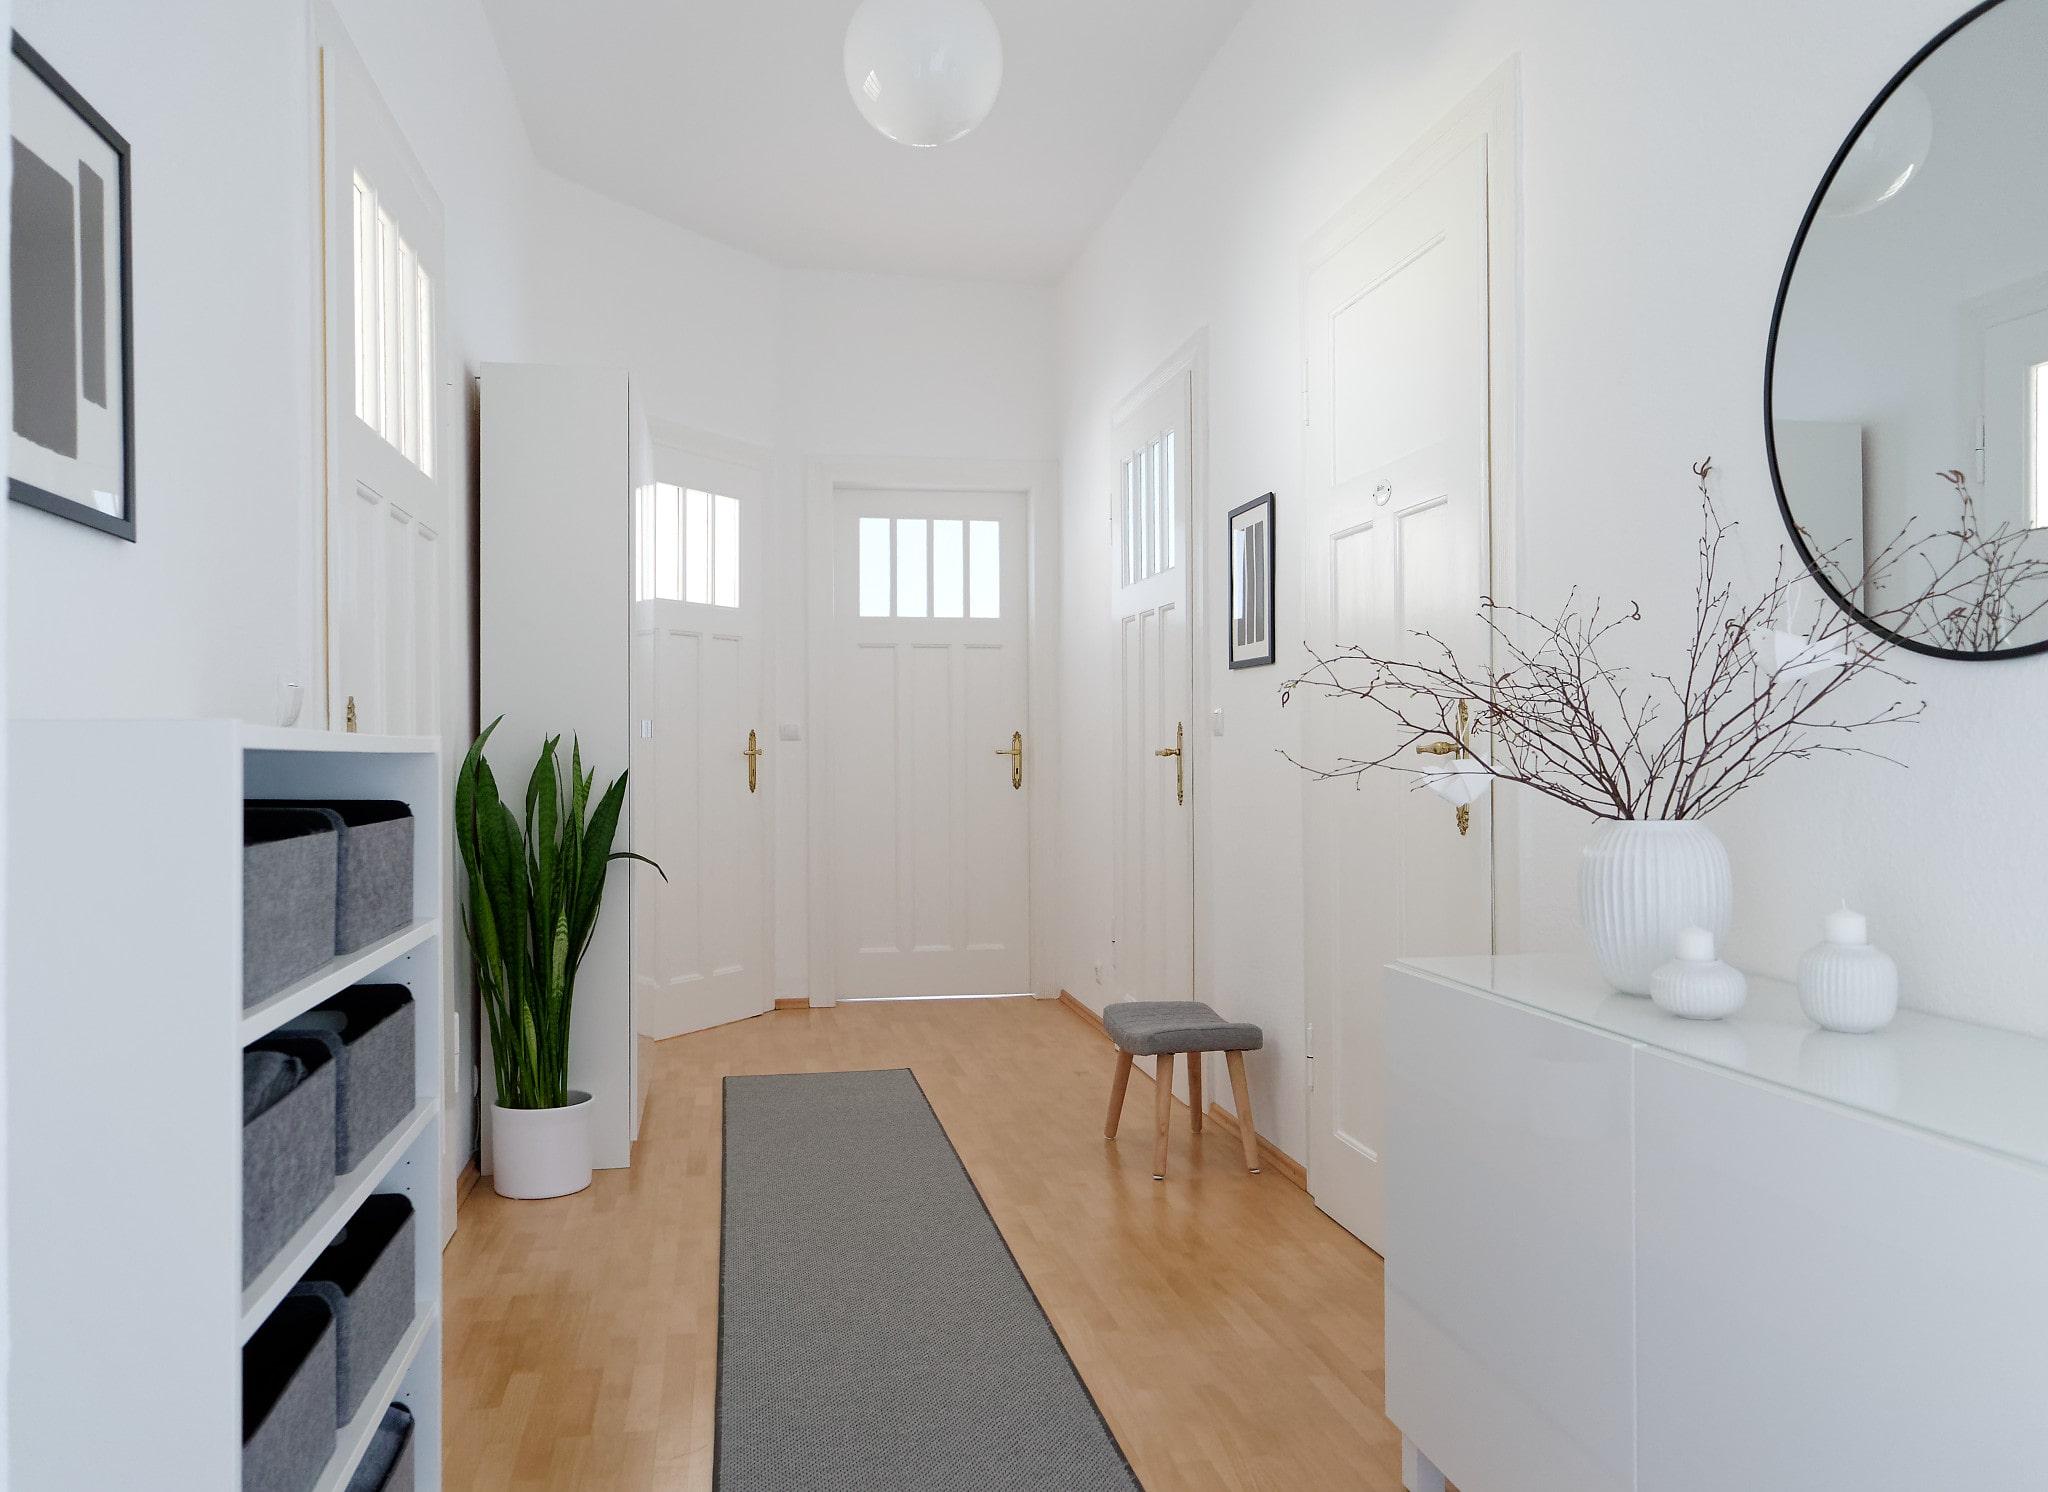 Eingangsbereich Bild 2 weiß, grau und schwarz